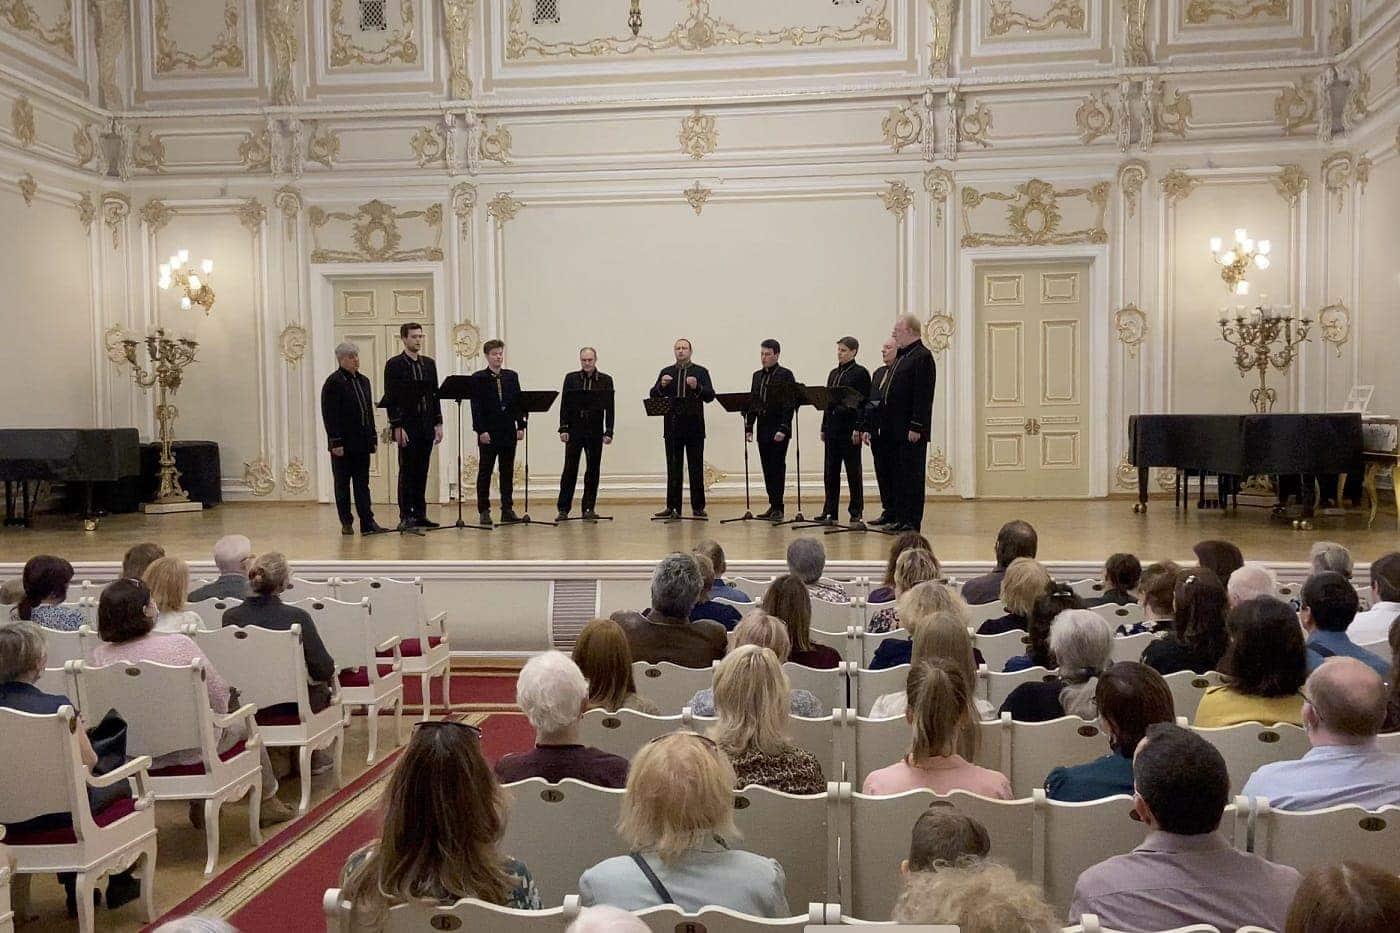 Концерт хора в Малом зале Петербургской филармонии